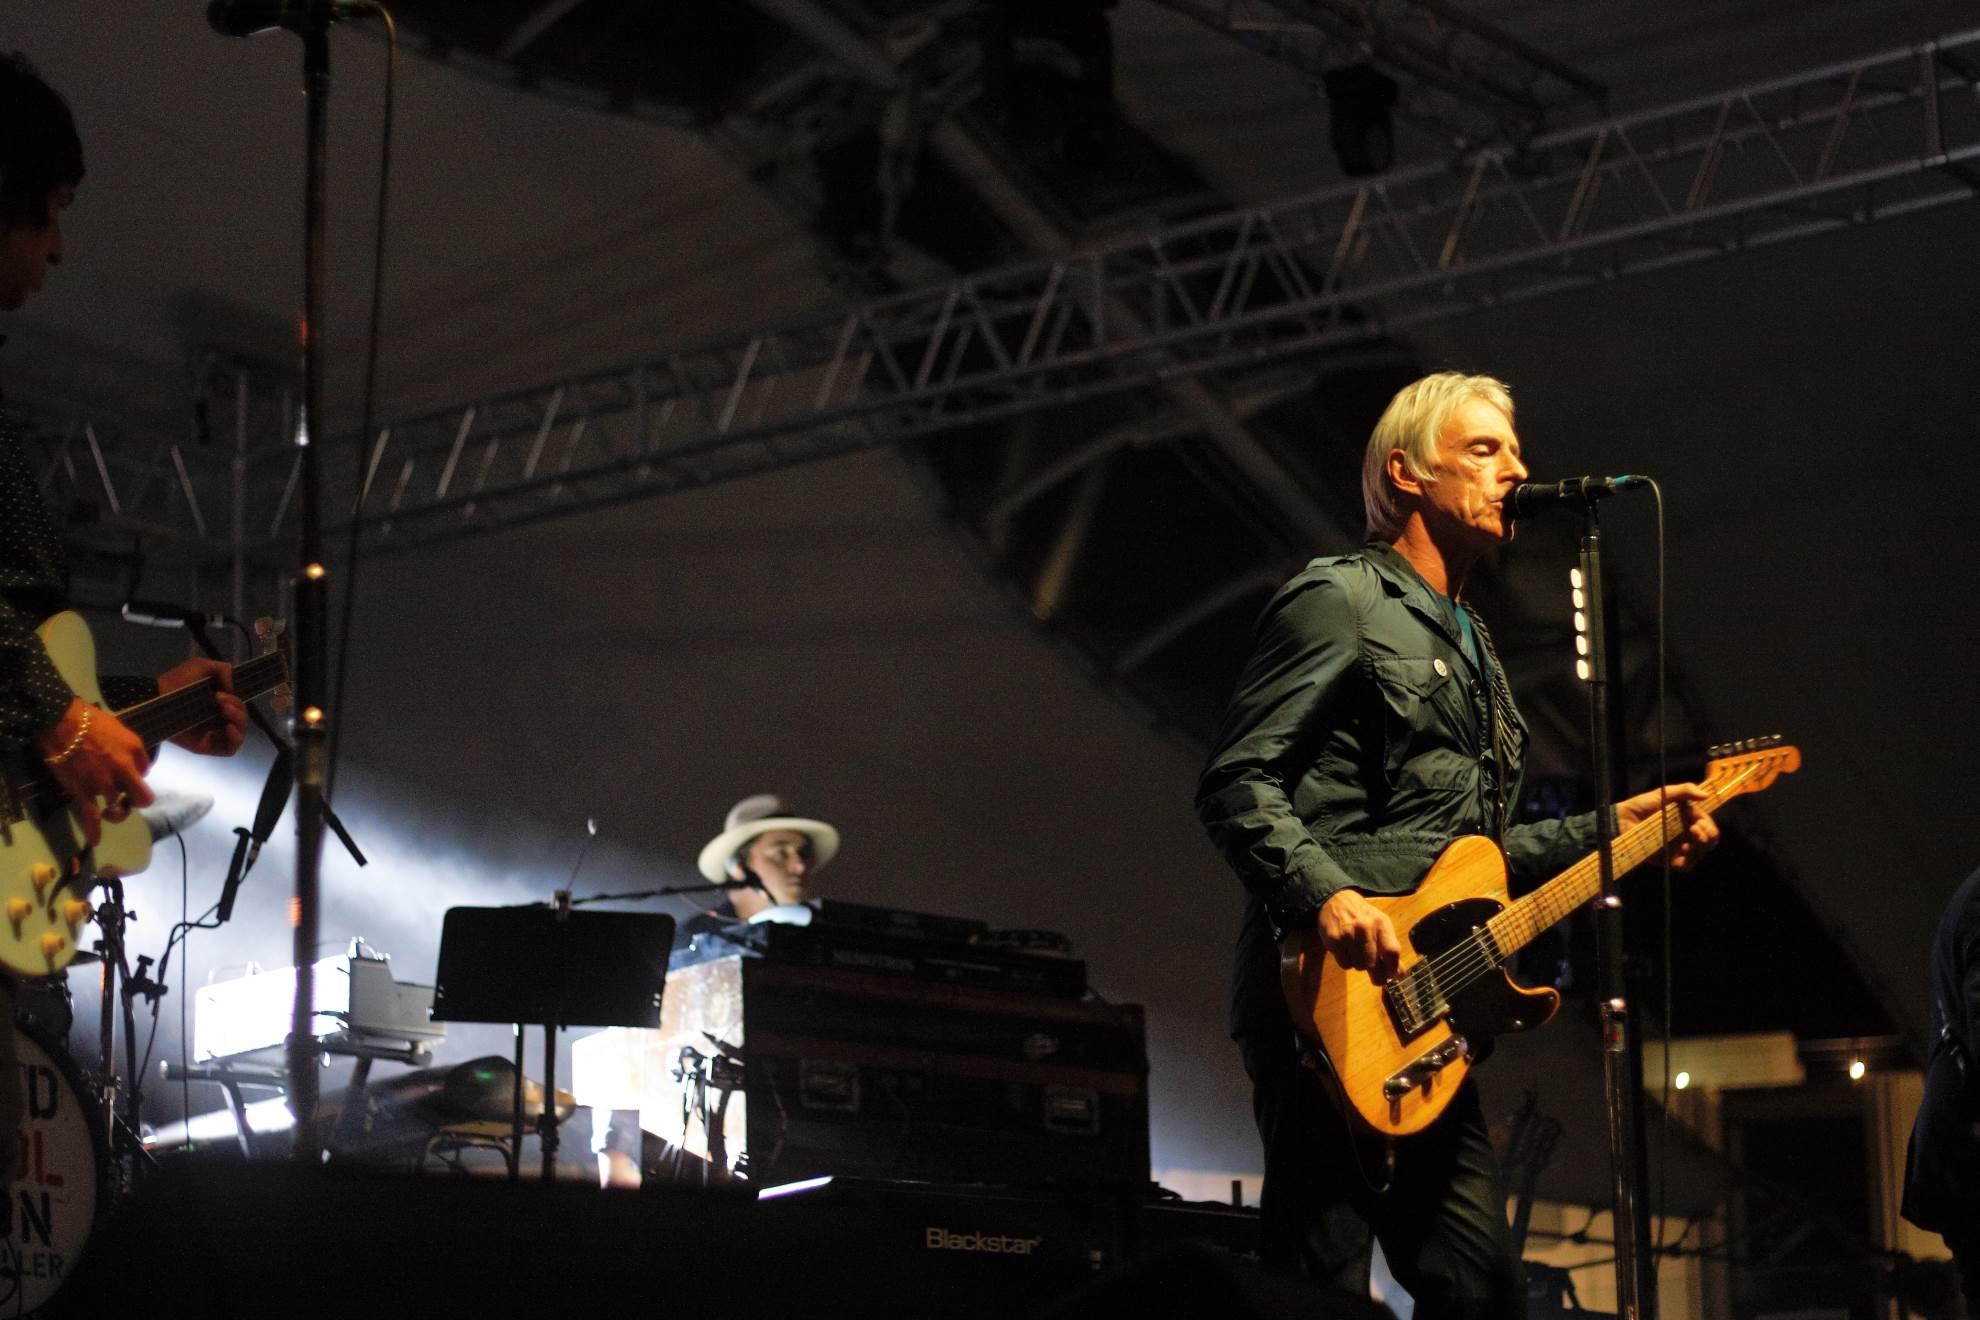 Paul Weller (Jam e Style Council)...